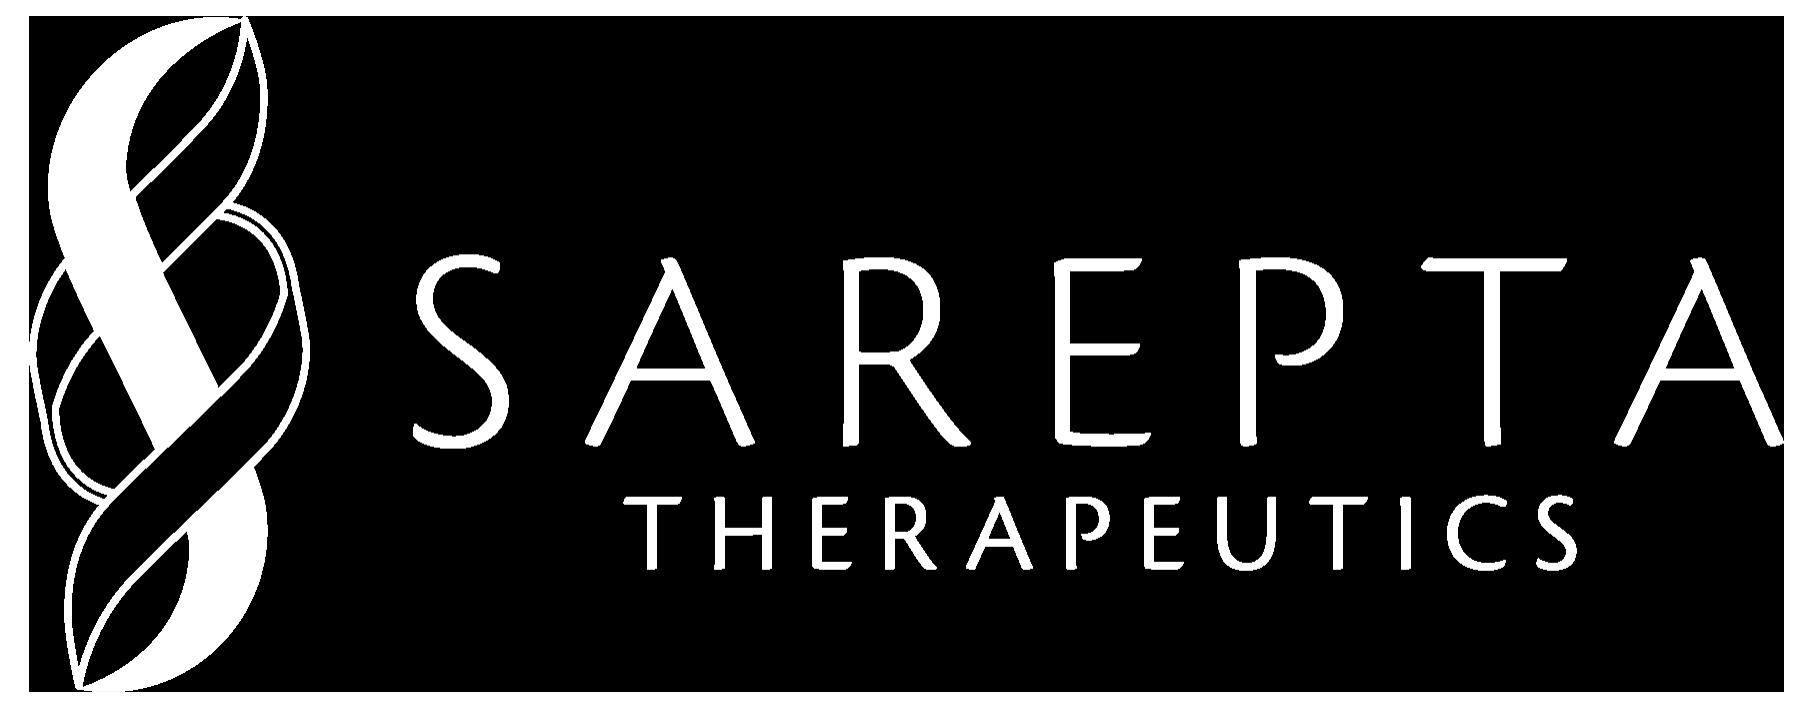 Sarepta_logo_ko